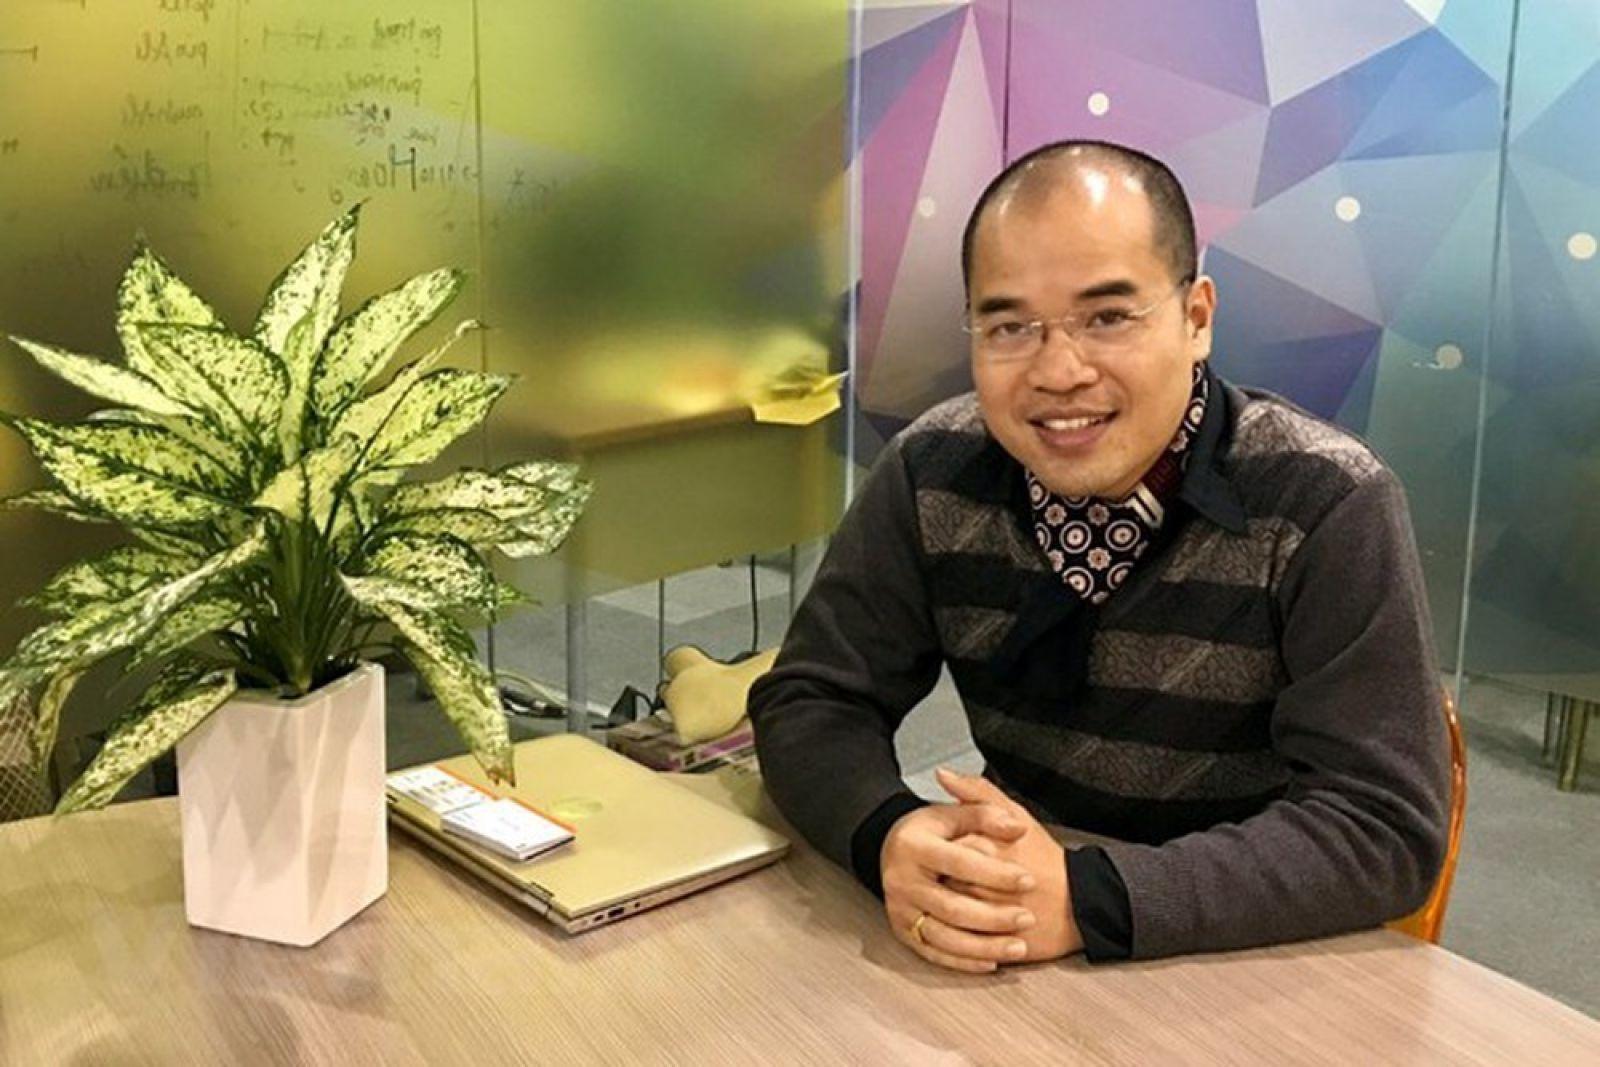 Ông Phạm Tuấn Hiệp - Giám đốc ươm tạo BK-Holdings chia sẻ về quá trình tham gia Đề án 844. (Ảnh: Ánh Tuyết/ Vietnam+)